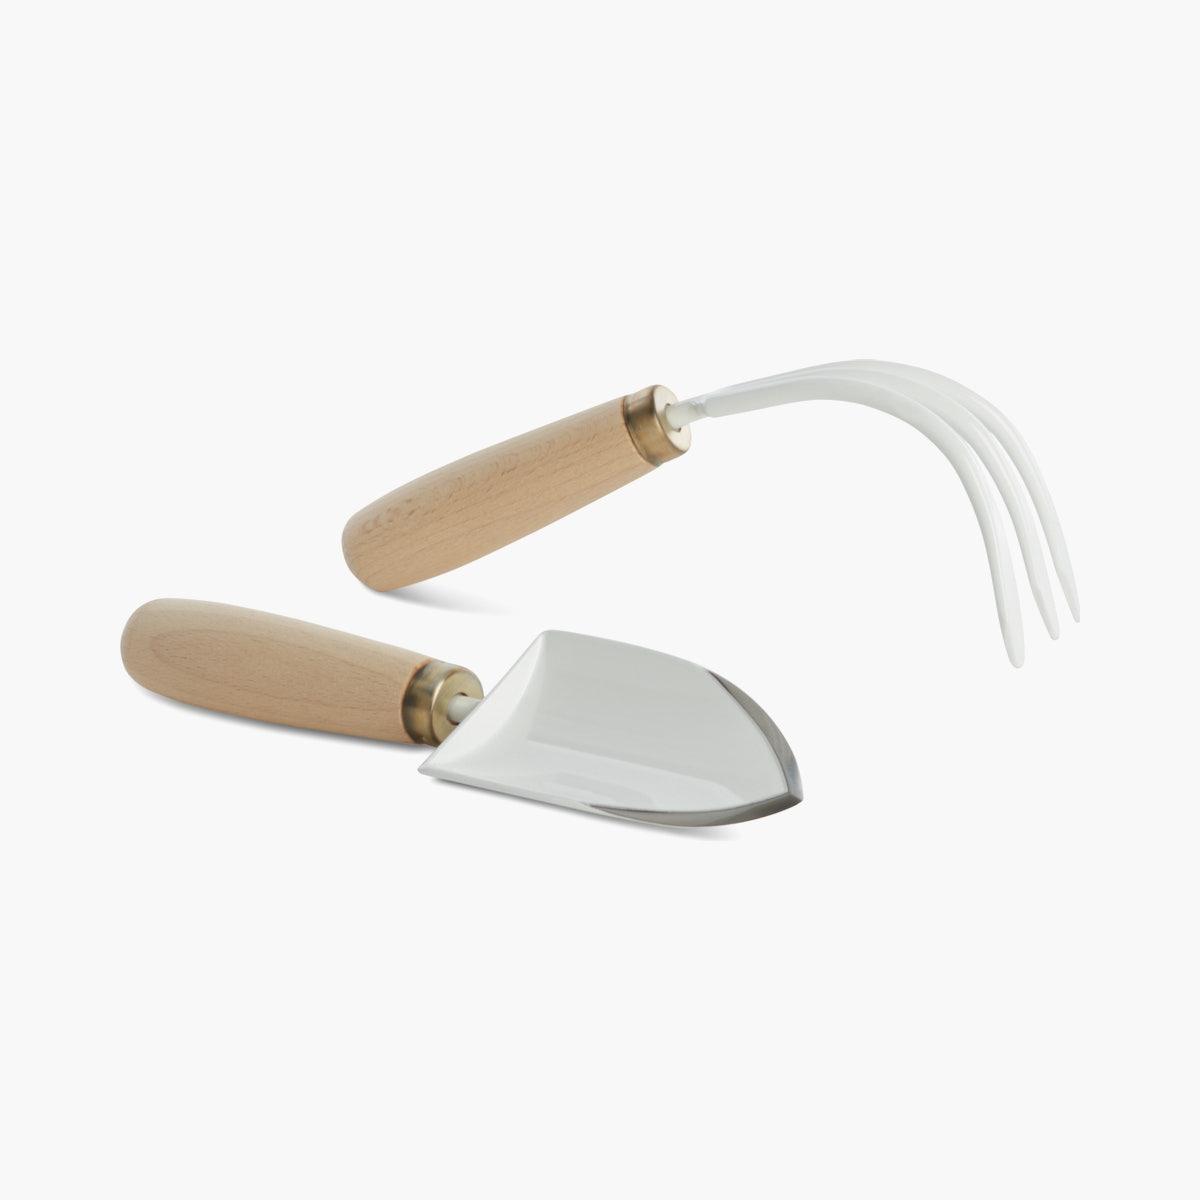 Japanese Gardening Tools